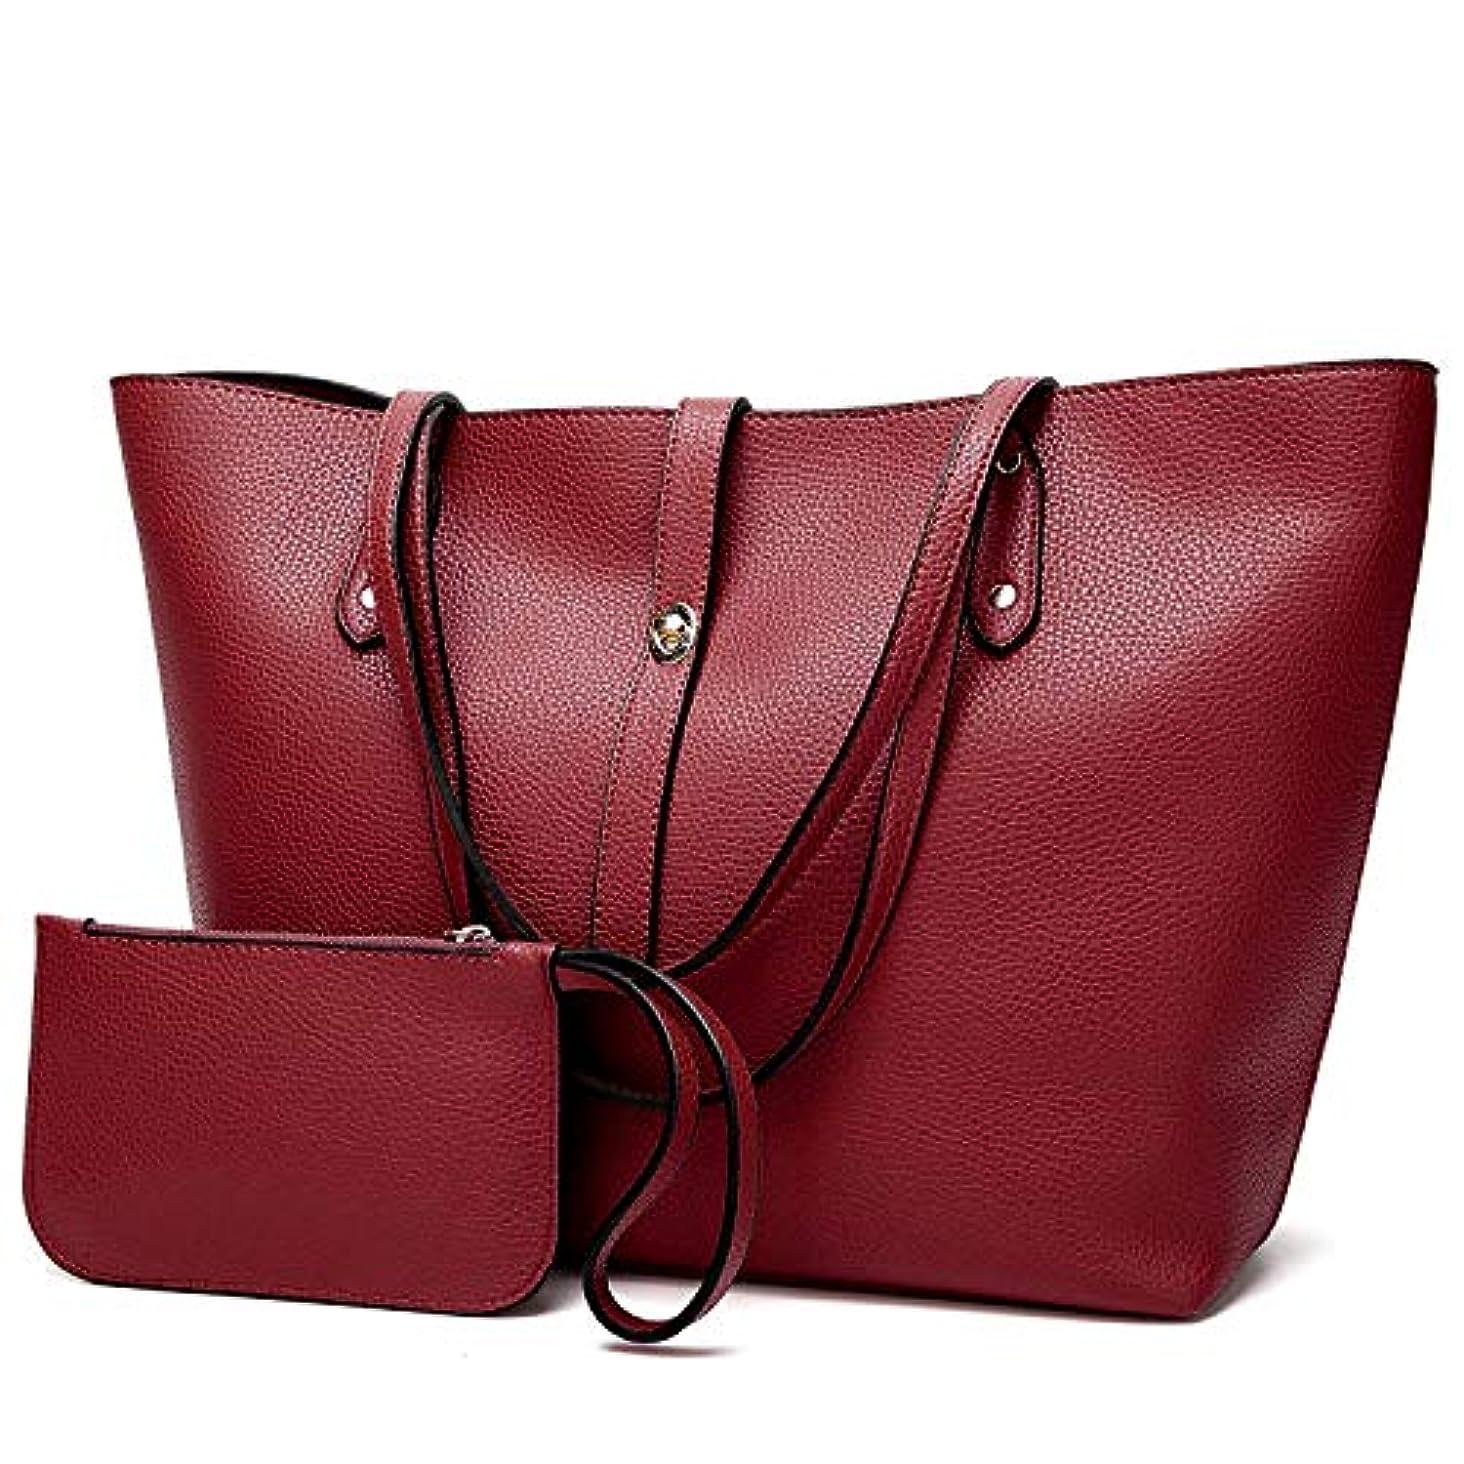 熟達した反響する設計図[TcIFE] ハンドバッグ レディース トートバッグ 大容量 無地 ショルダーバッグ 2way 財布とハンドバッグ